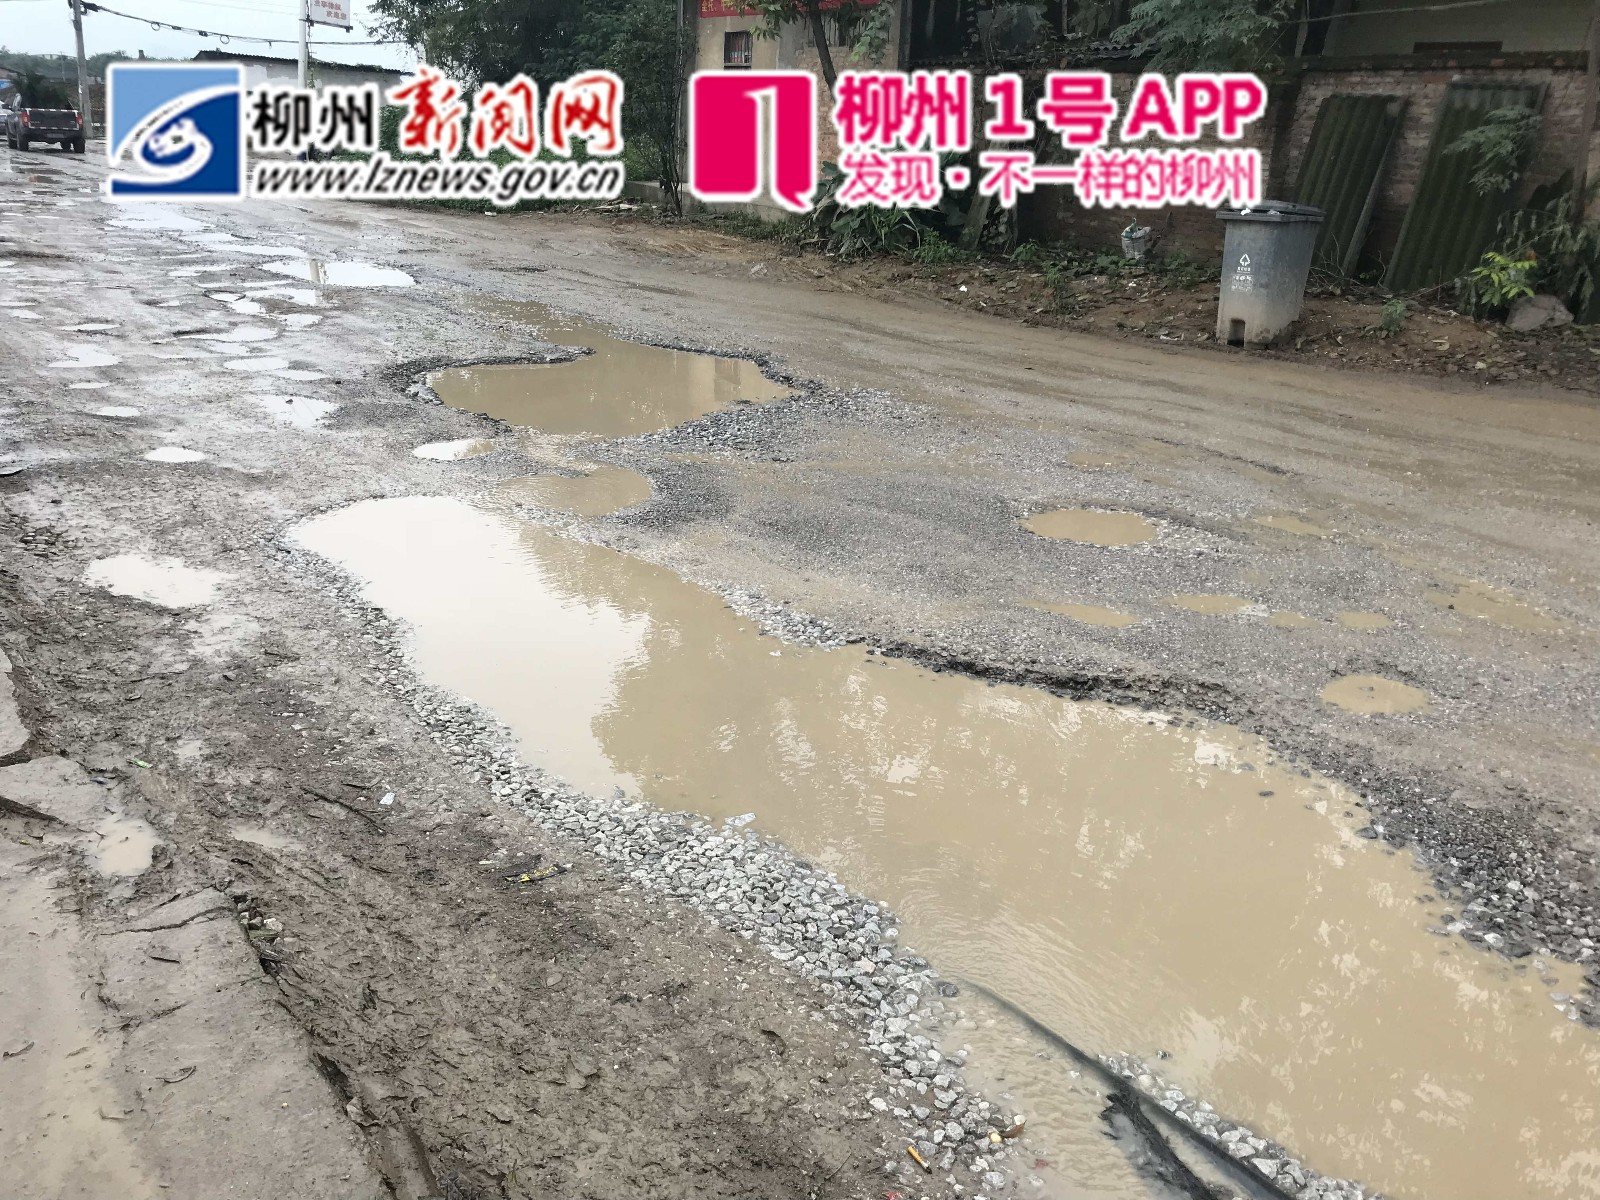 晴时灰尘雨天泥,沙塘三合小学学生行路难,路烂半年不见修